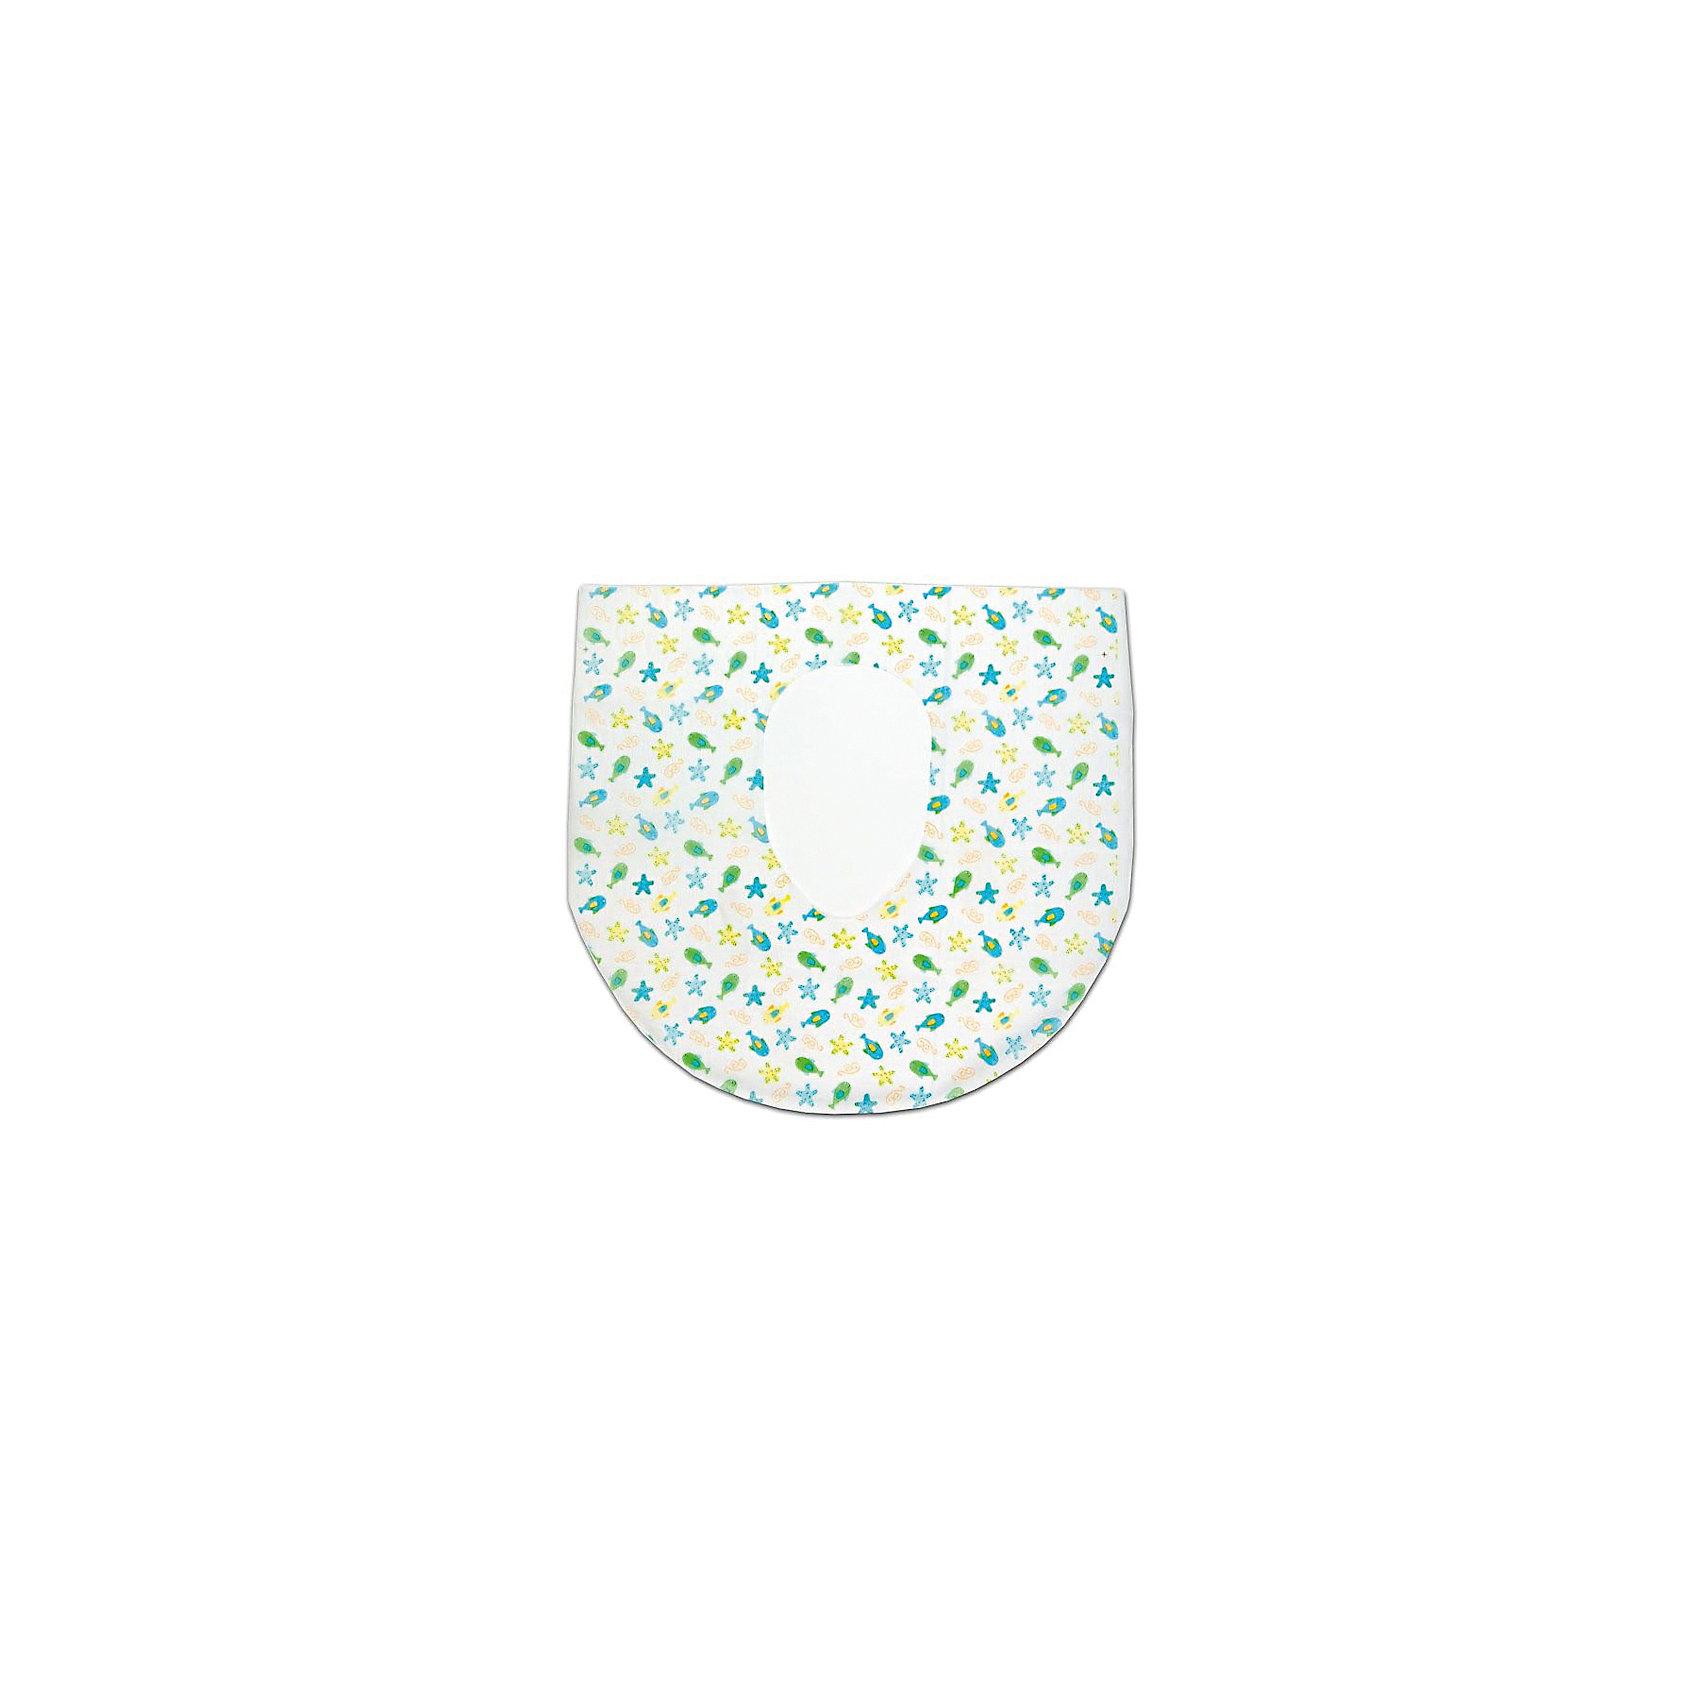 Защитная накладка на унитаз, Summer InfantБлокирующие и защитные устройства для дома<br>Защитная накладка на унитаз, Summer Infant защитит ребёнка от вредных бактерий, которые находятся на ободке унитаза. Специальное покрытие не позволит накладке скользить. Защитная накладка сделана из экологически чистого материала, поэтому абсолютно безопасна для детей.<br><br>Дополнительная информация:<br>-марка: Summer Infant<br><br>Защитную накладку на унитаз, Summer Infant можно приобрести в нашем интернет-магазине.<br><br>Ширина мм: 30<br>Глубина мм: 150<br>Высота мм: 200<br>Вес г: 250<br>Возраст от месяцев: 36<br>Возраст до месяцев: 84<br>Пол: Унисекс<br>Возраст: Детский<br>SKU: 5089918